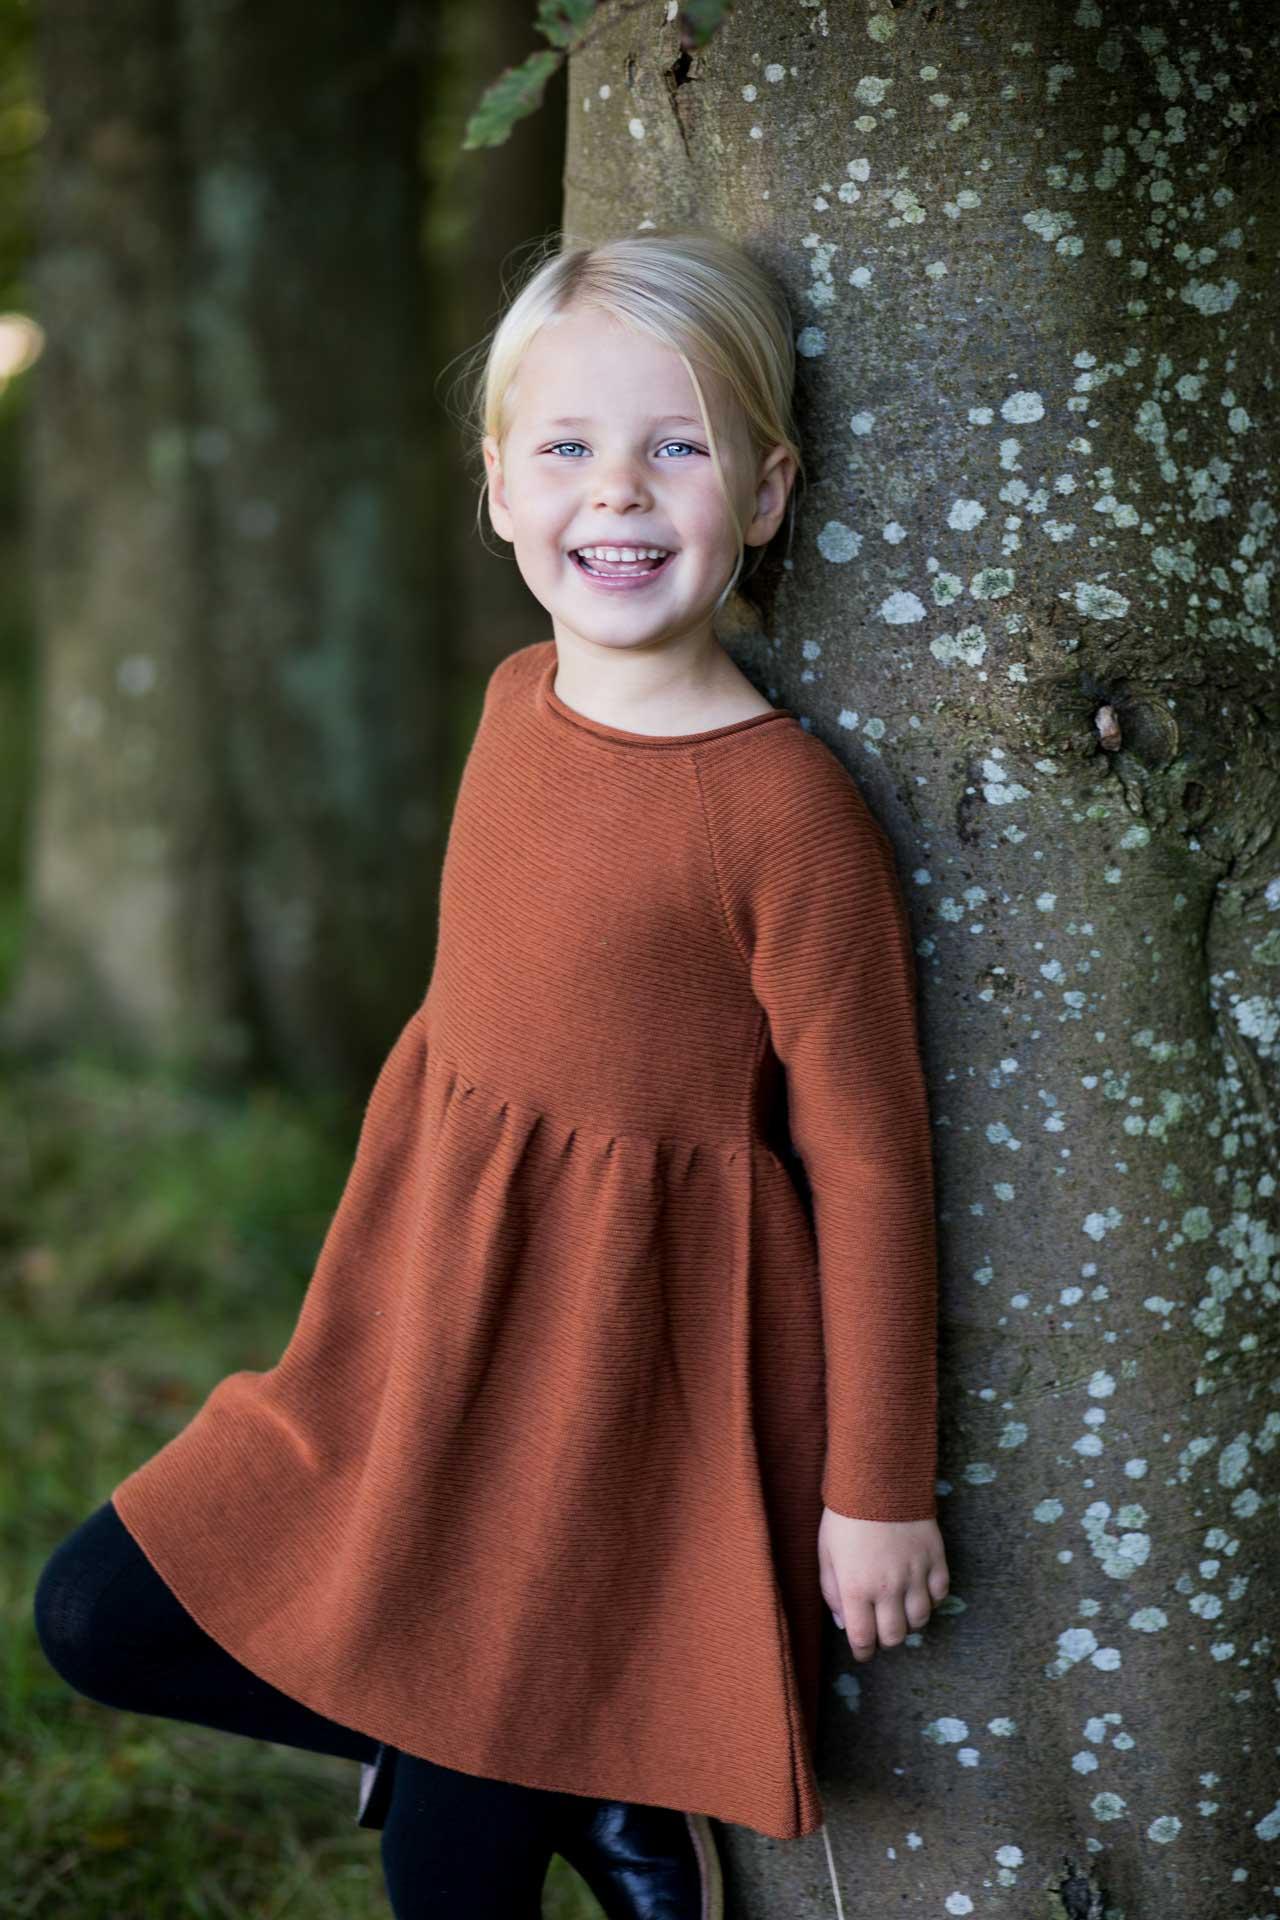 Portrætfotografi | Børnebilleder |